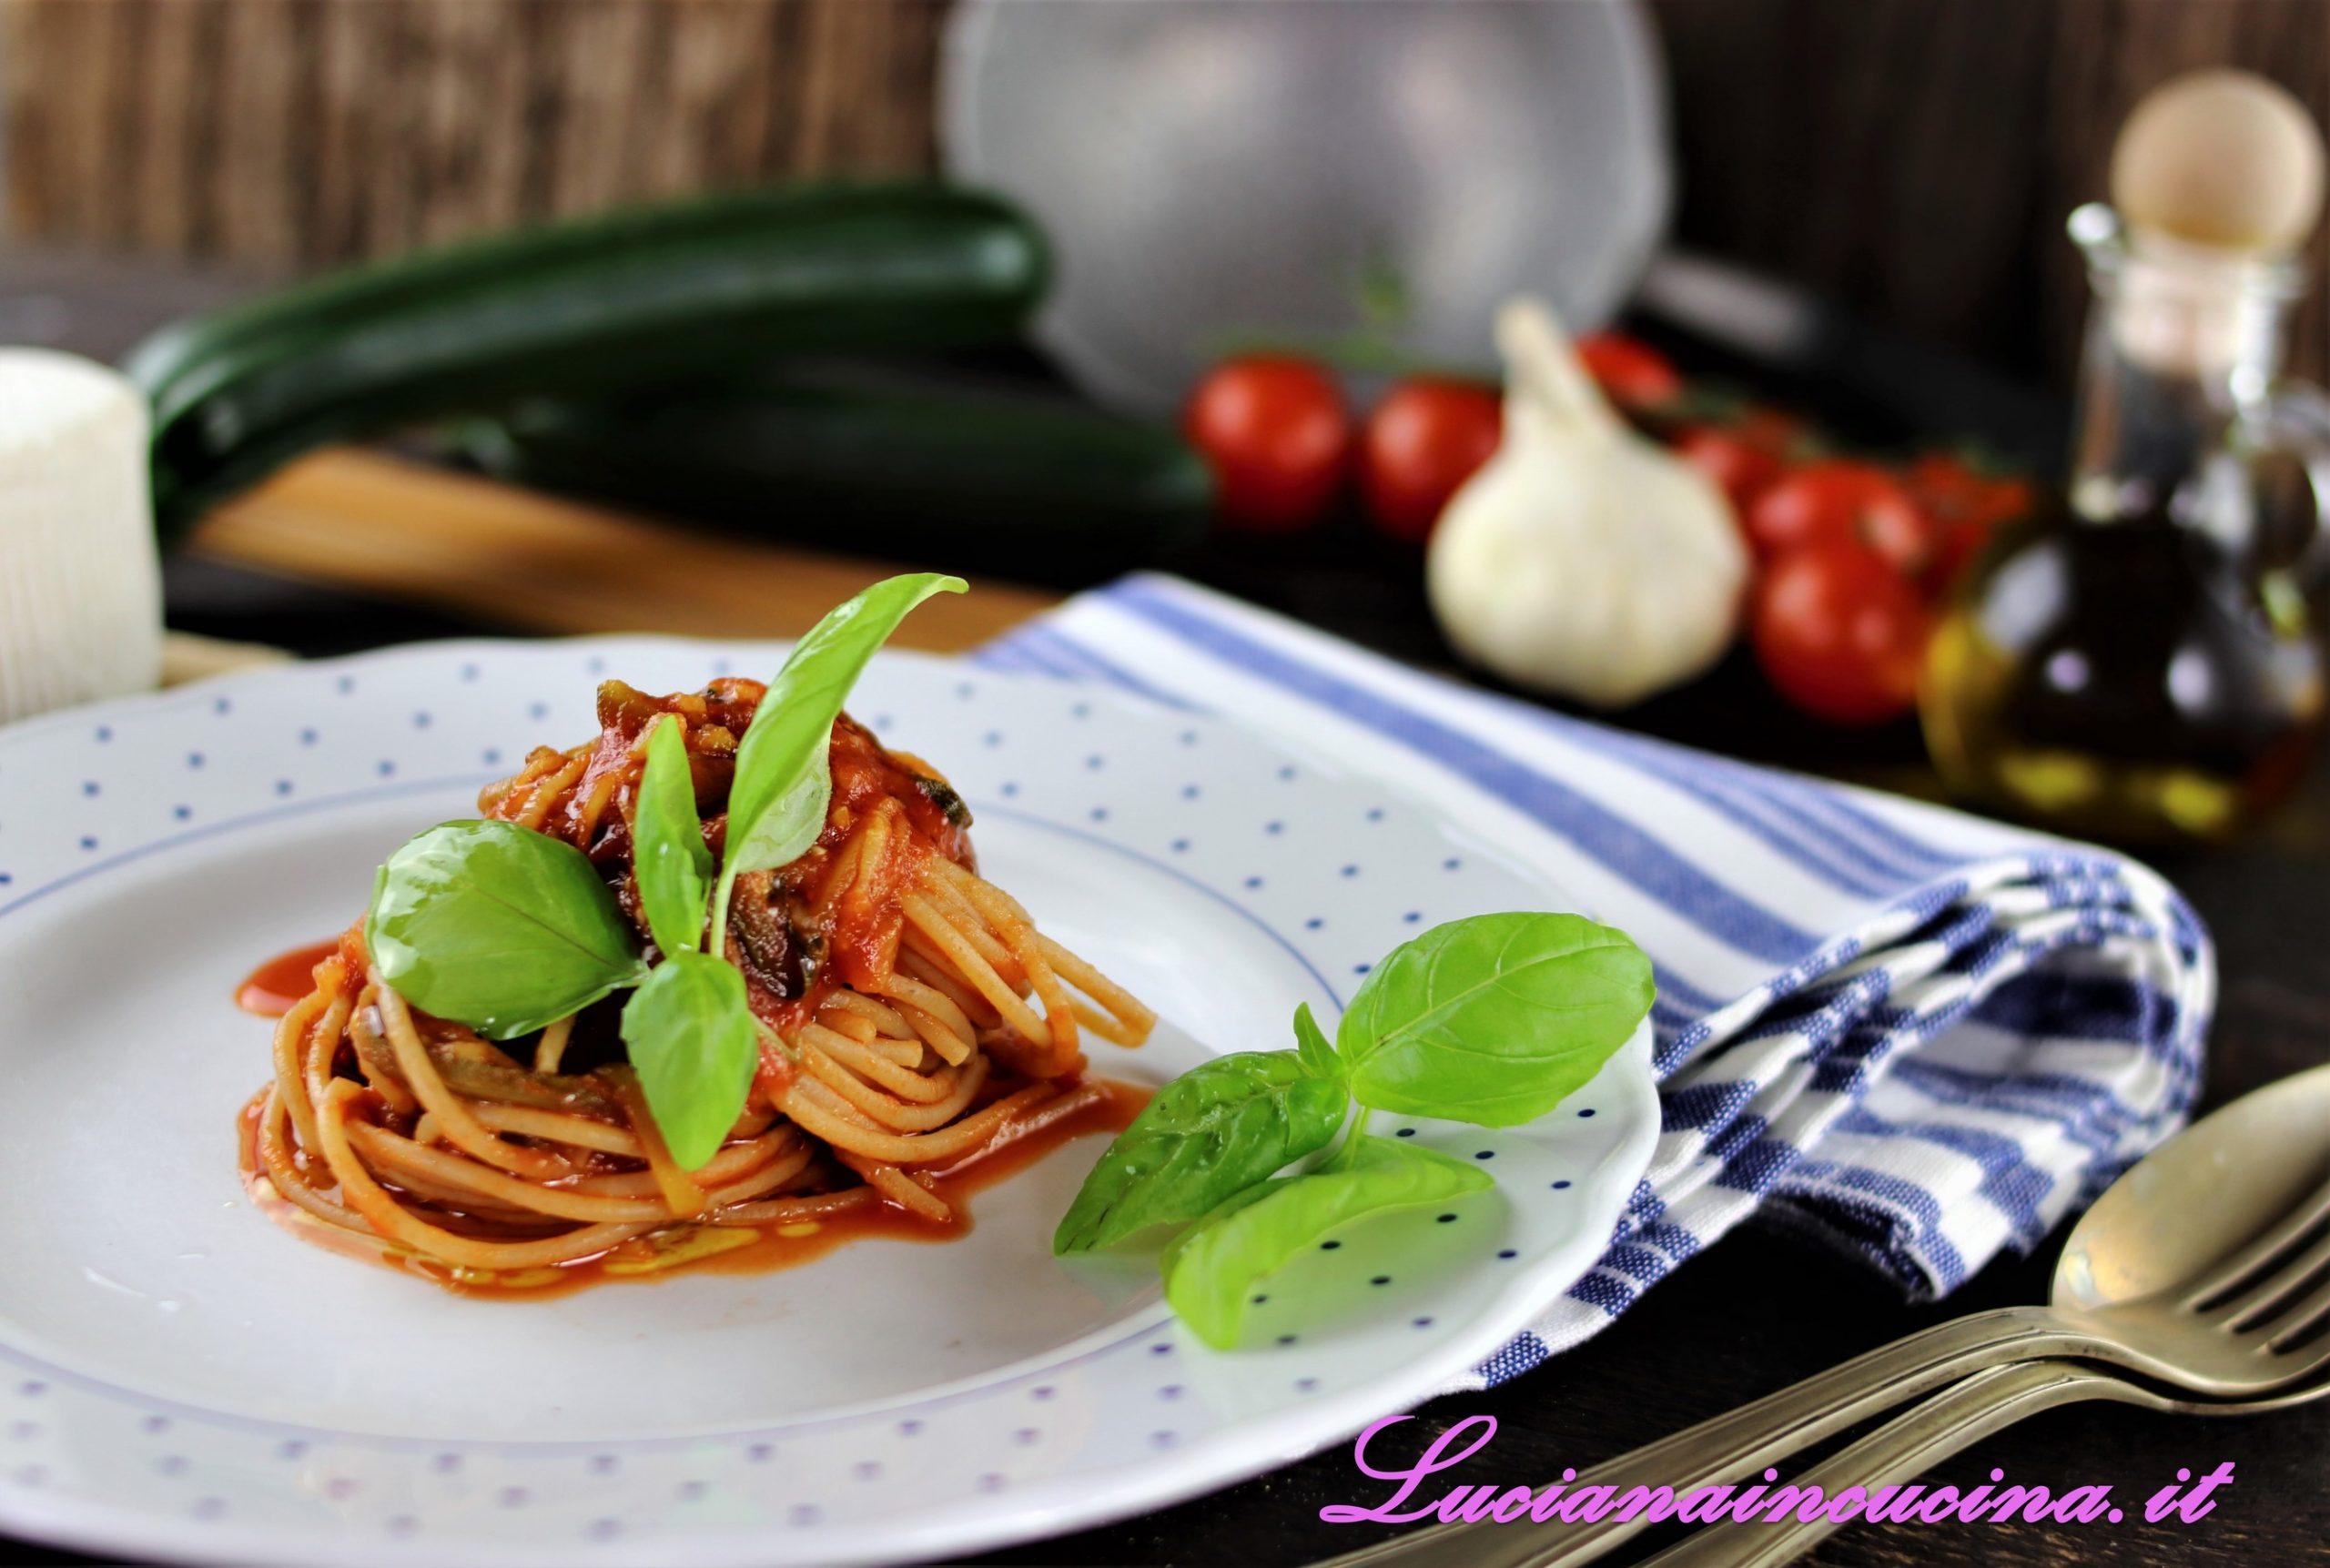 Spaghetti integrali con zucchine e profumo di basilico